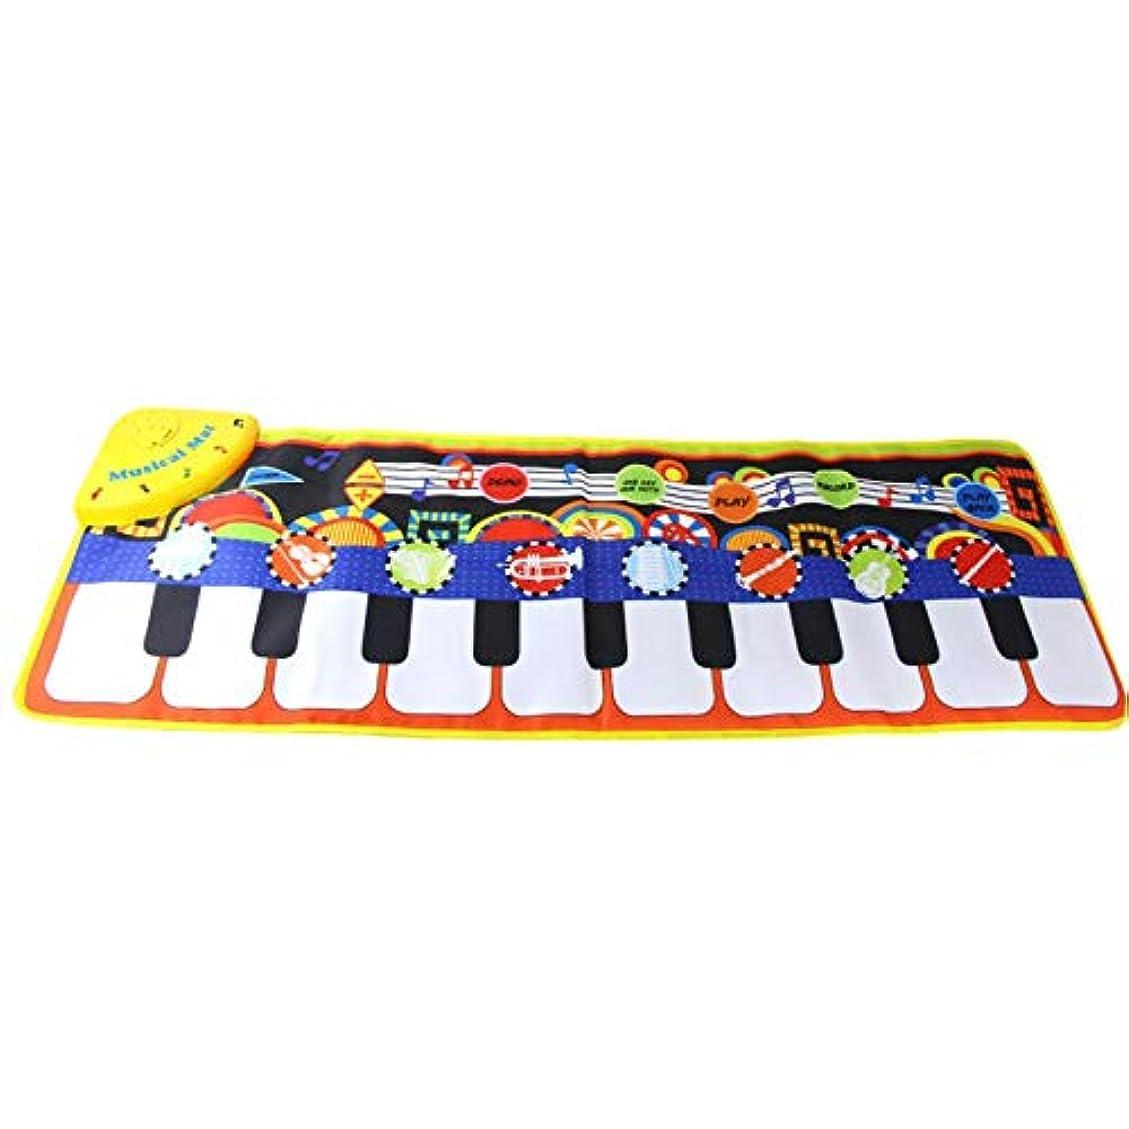 状況分天気赤ちゃんピアノ音楽ブランケット環境保護子供の多機能音楽ゲームカーペット早期教育クロールブランケット-